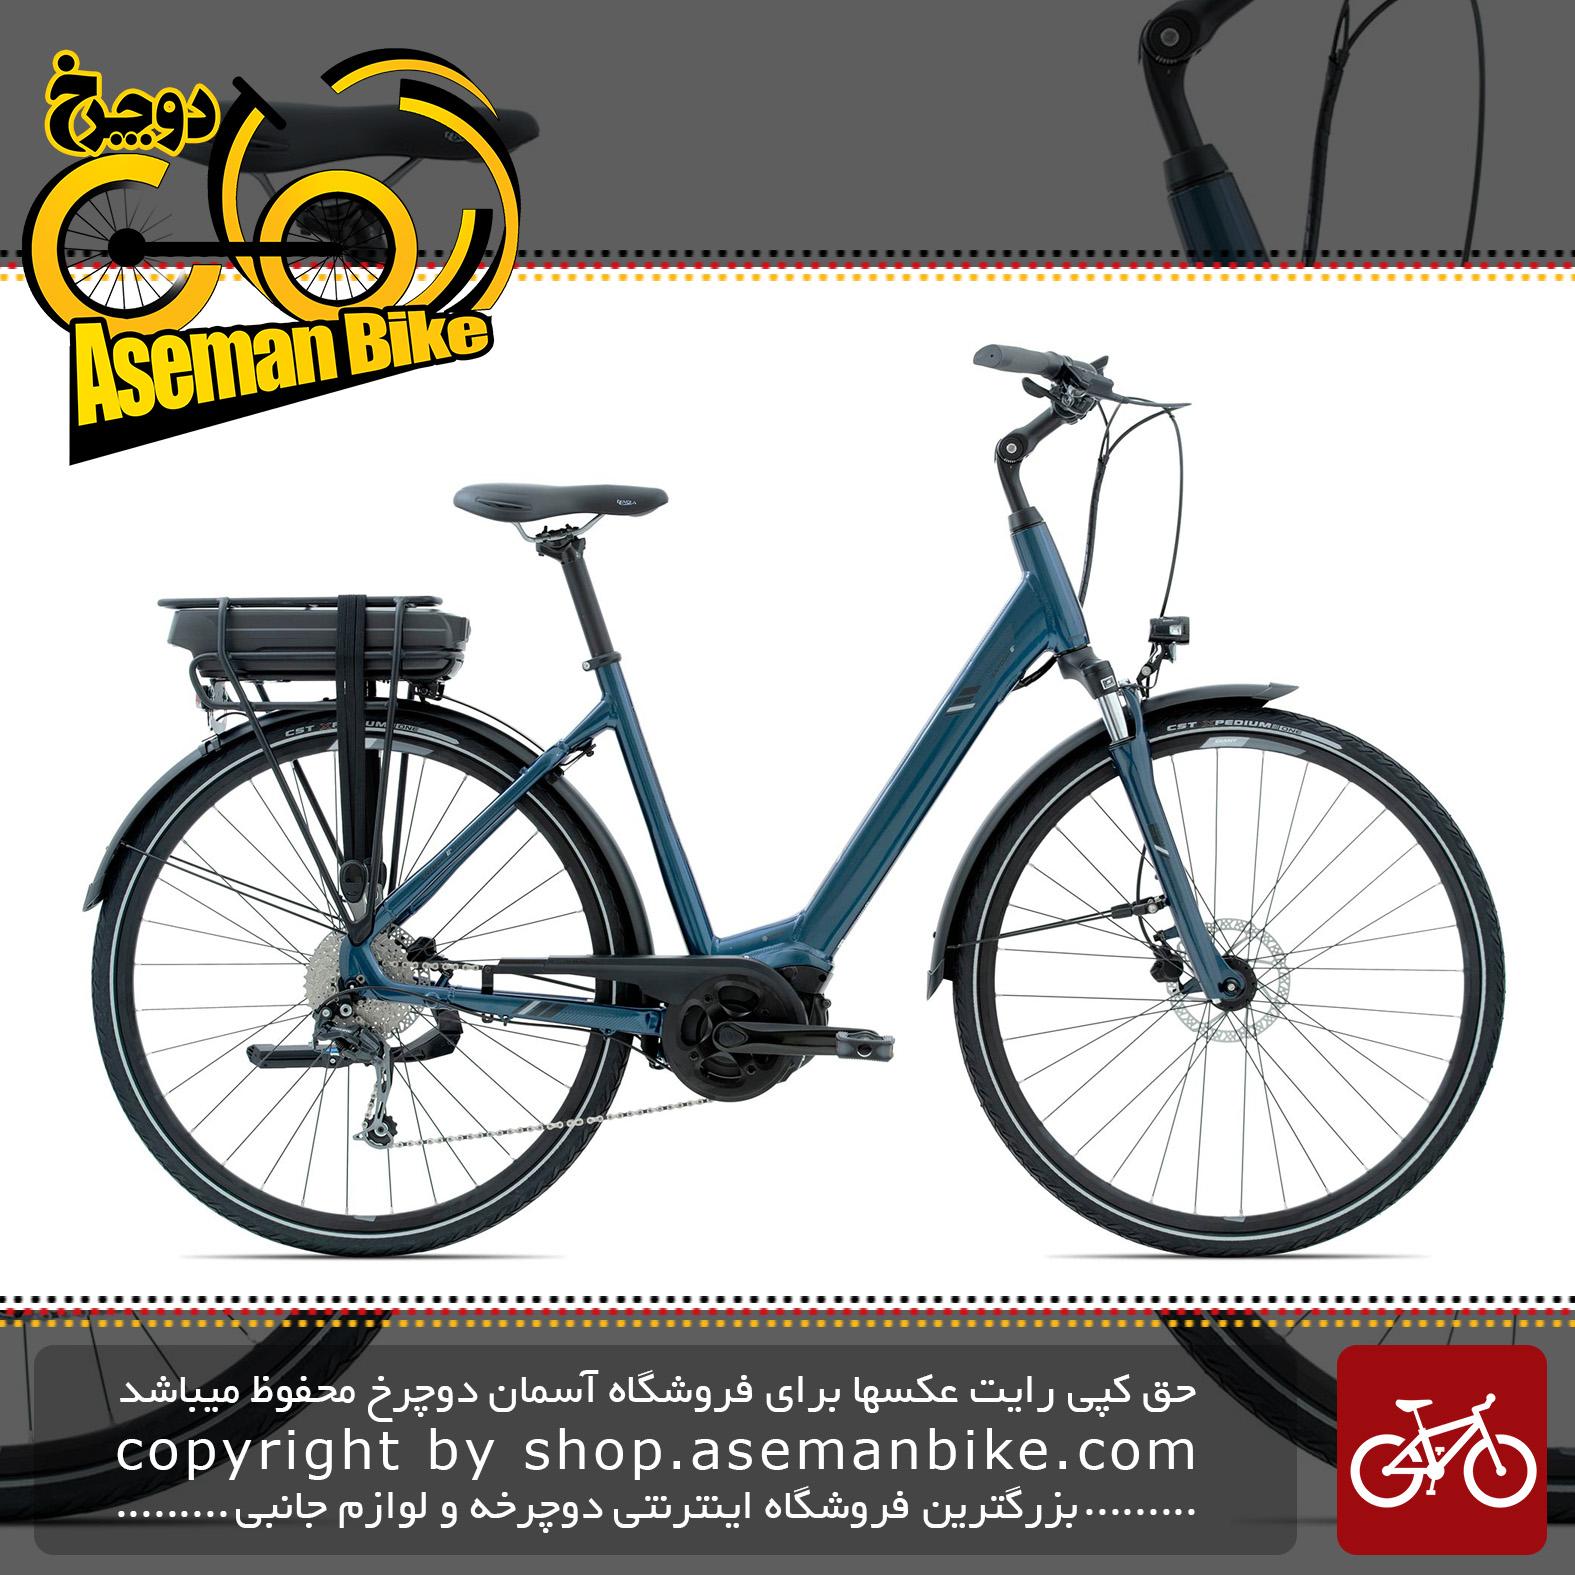 دوچرخه برقی توریستی ترنزیت جاینت مدل انتور ای پلاس 1 آر اس ال دی اس 2020 Giant Transit Bicycle Entour E+ 1 RS LDS 2020